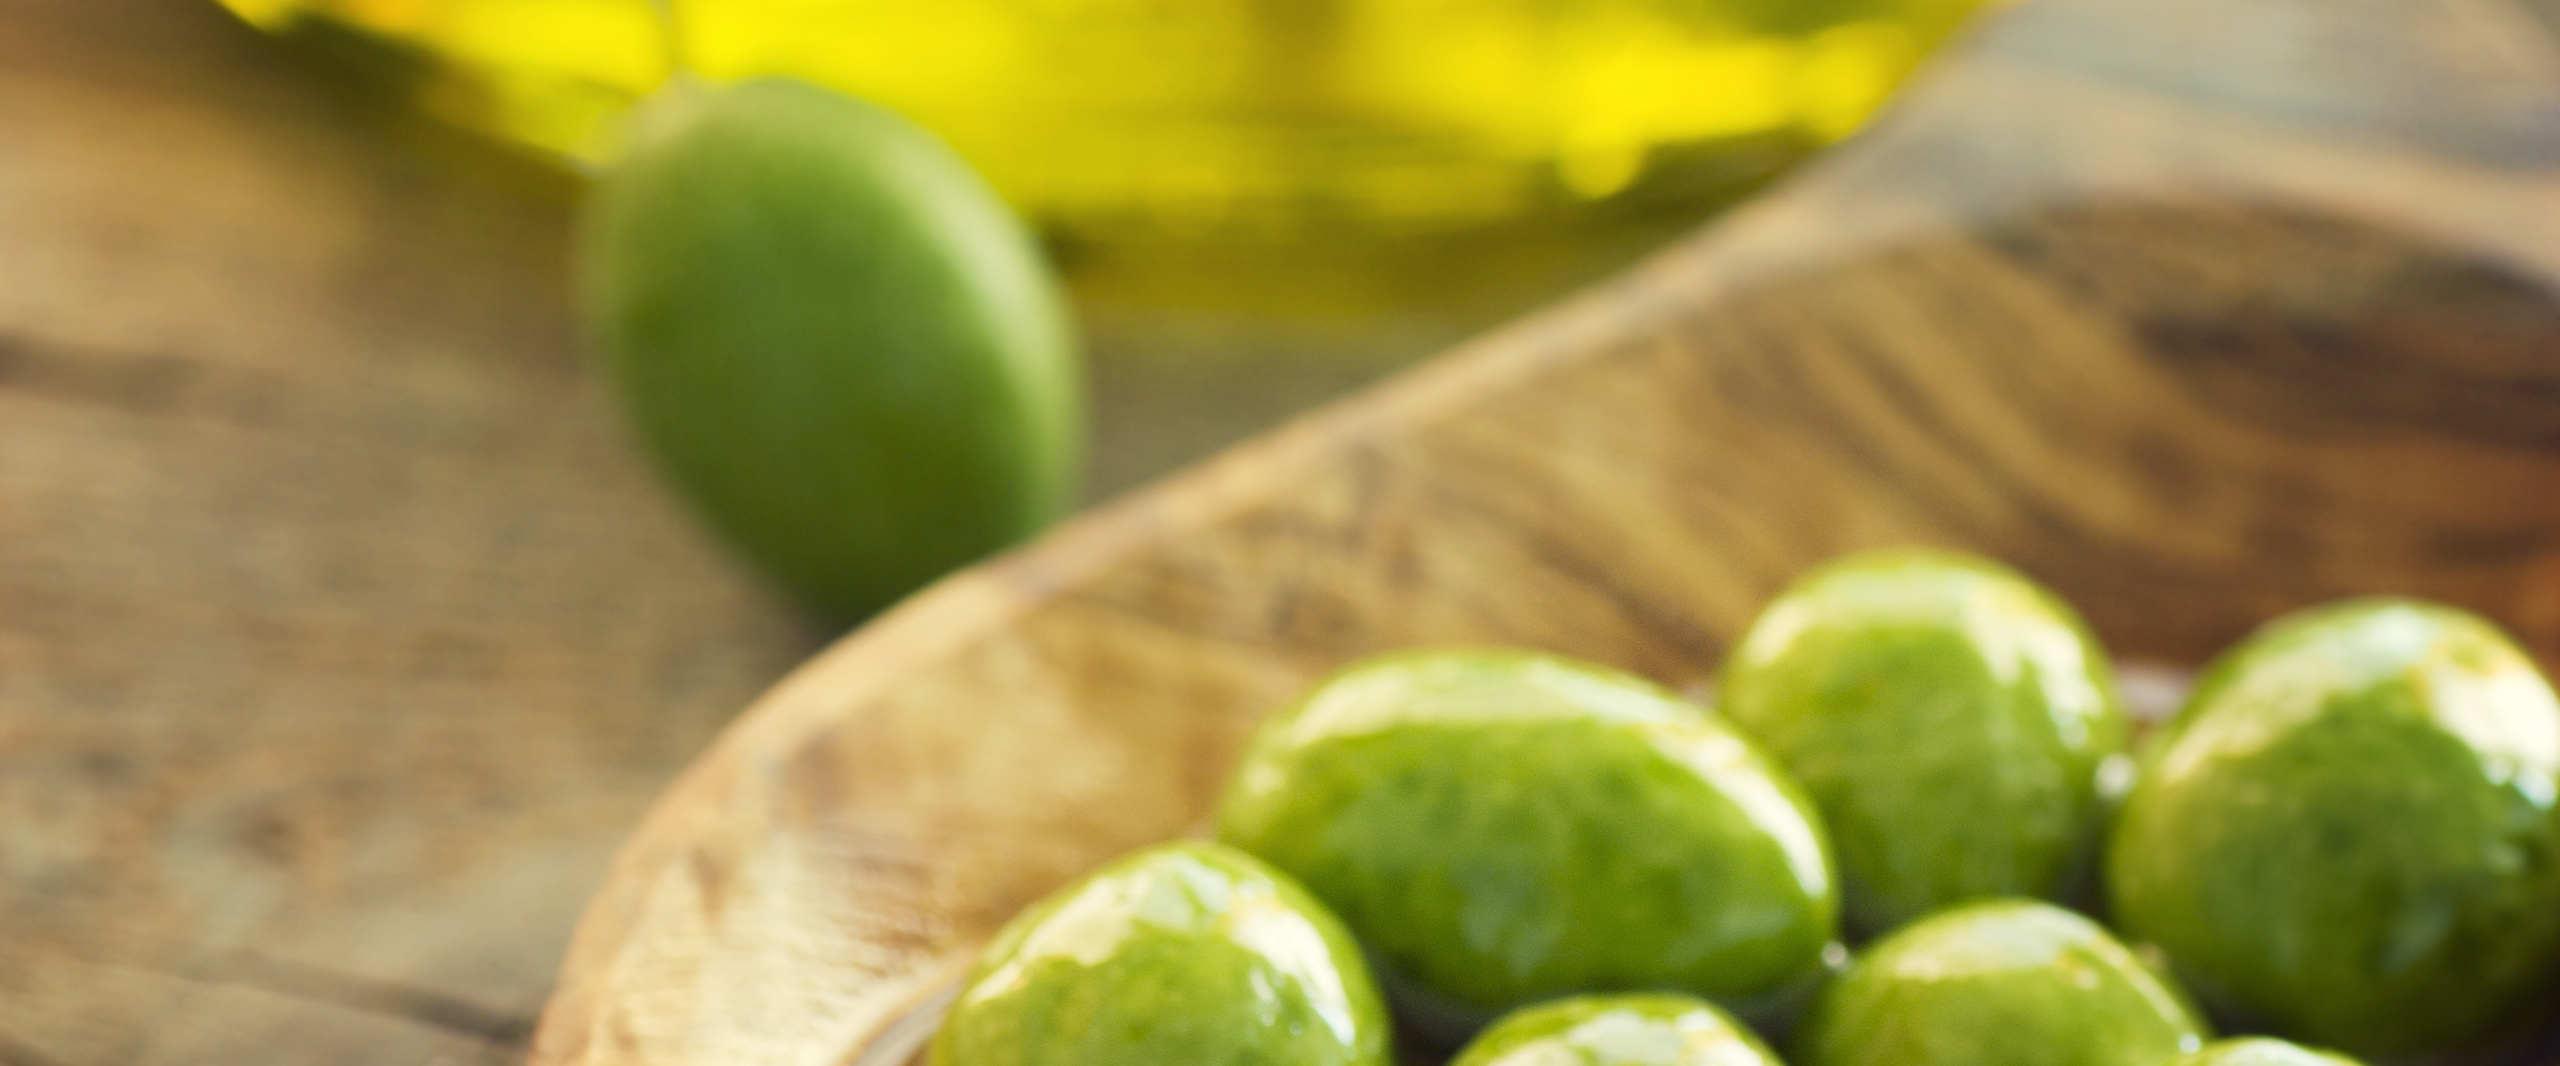 Spanische Oliven in kleiner Holzschale